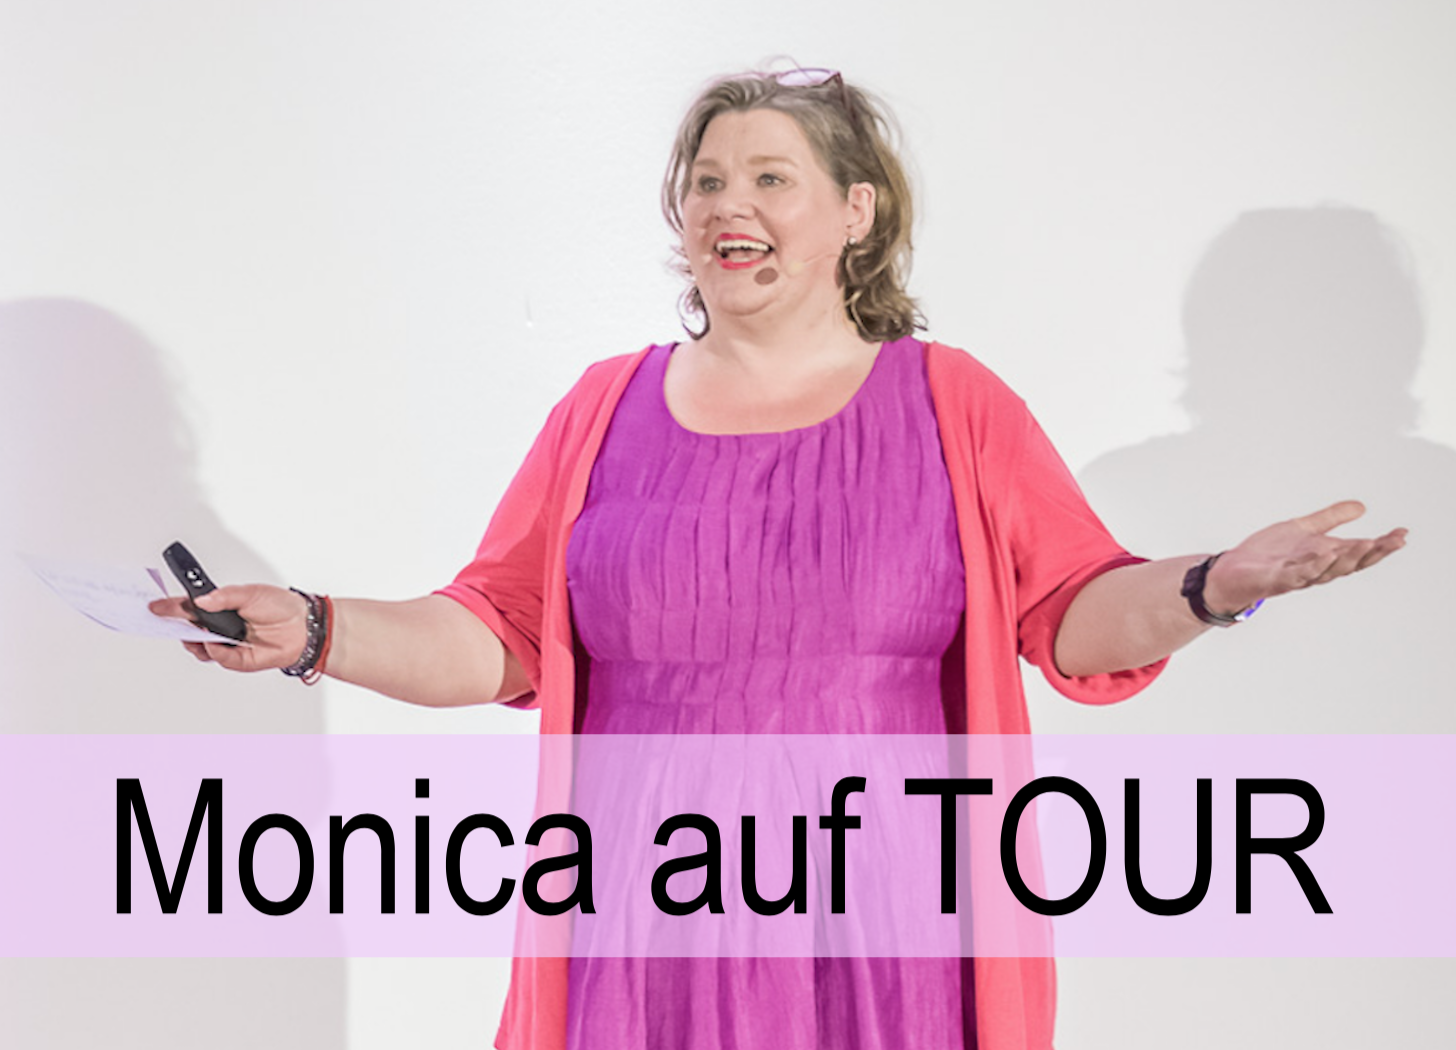 Monica auf TOUR